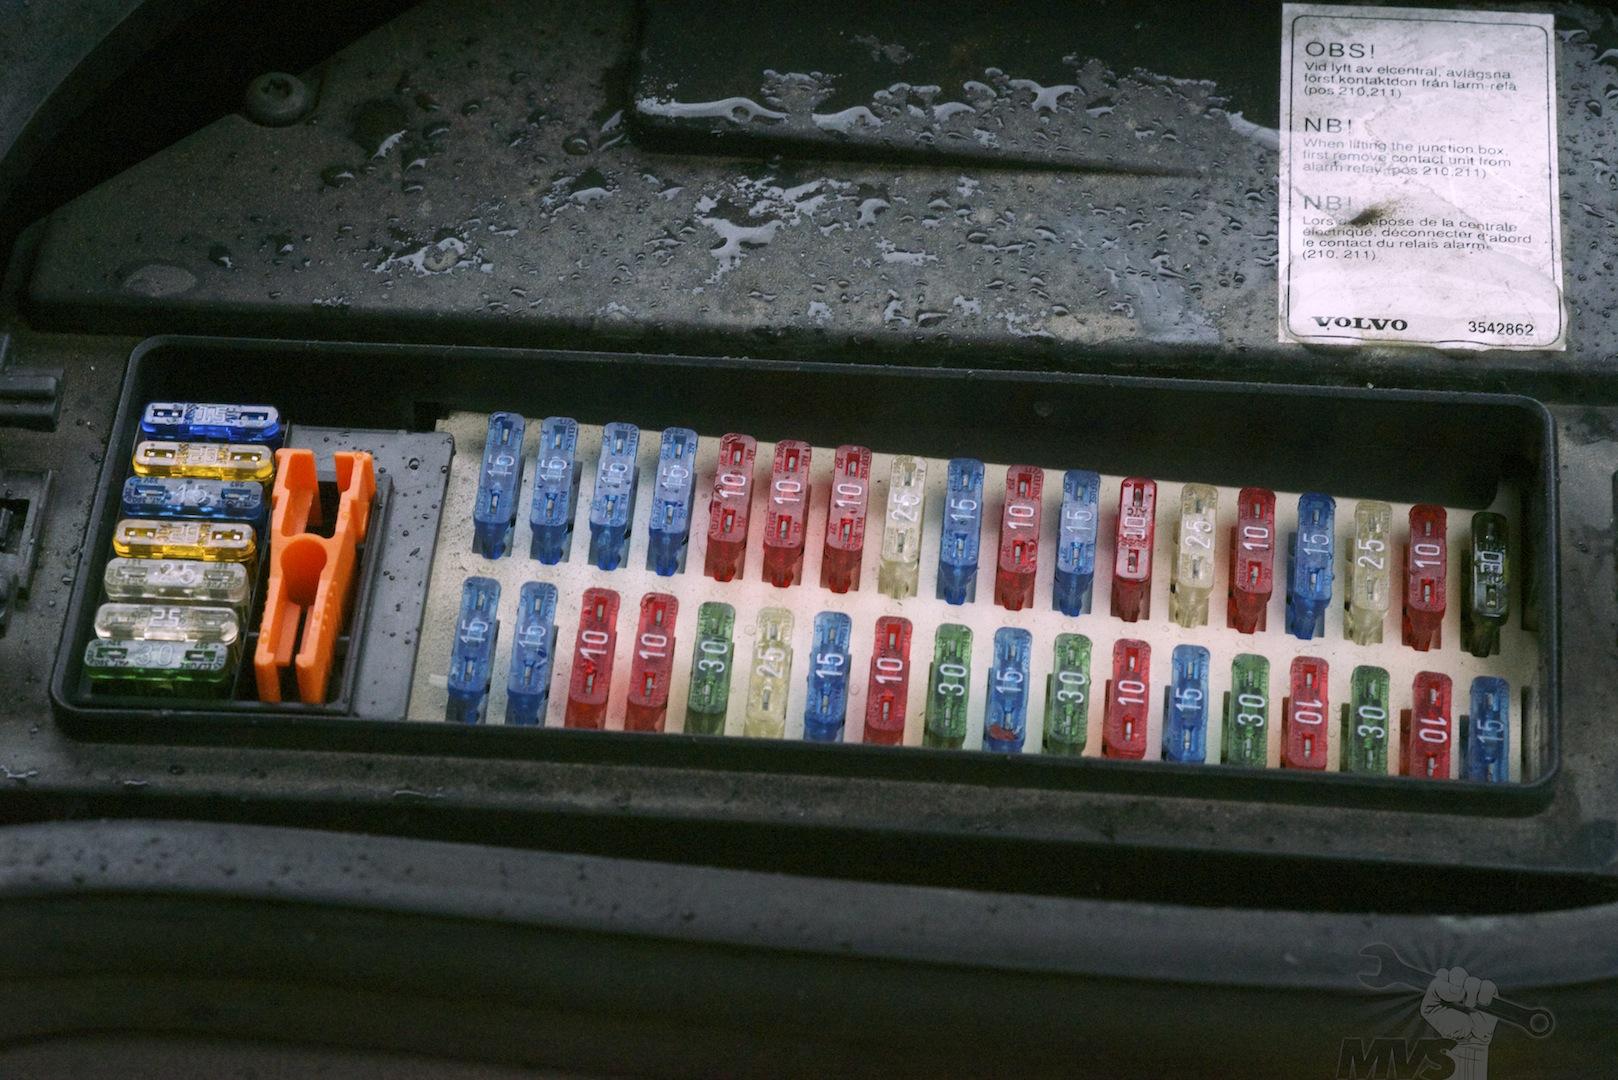 2008 volvo c70 fuse box